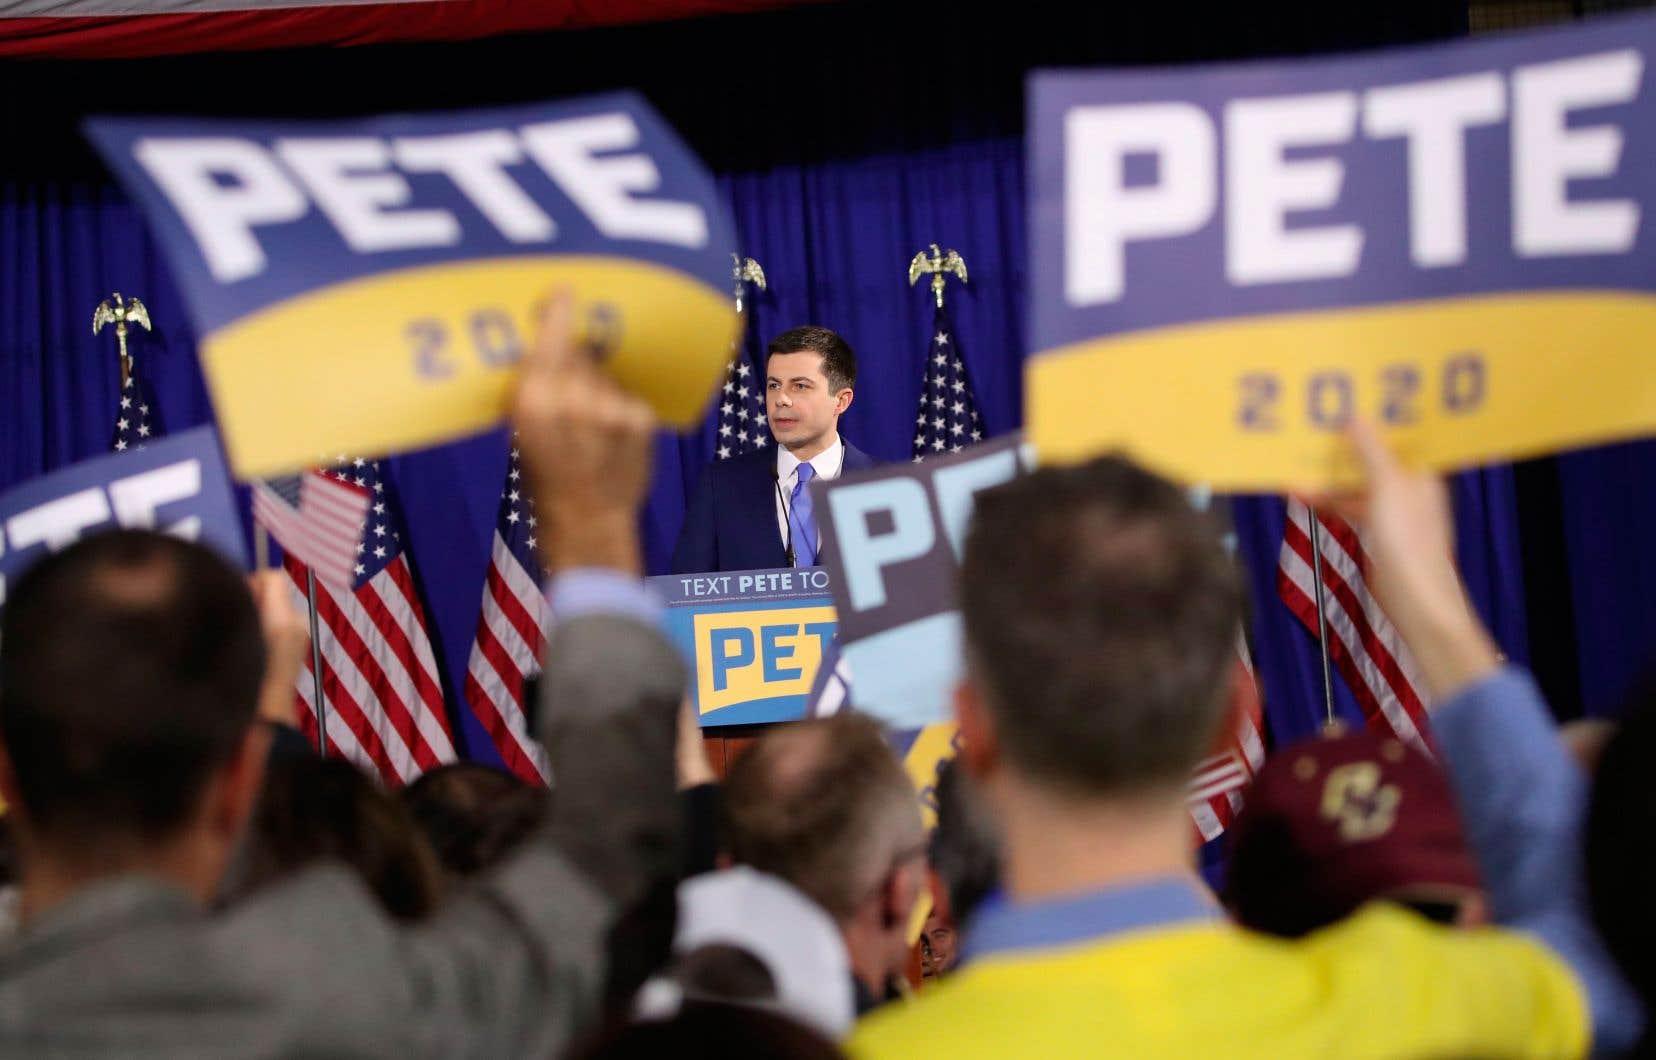 L'un des meneurs de la course à l'investiture démocrate, Pete Buttigieg, a réussi jusqu'à maintenant à répliquer coup pour coup aux attaques de Donald Trump.